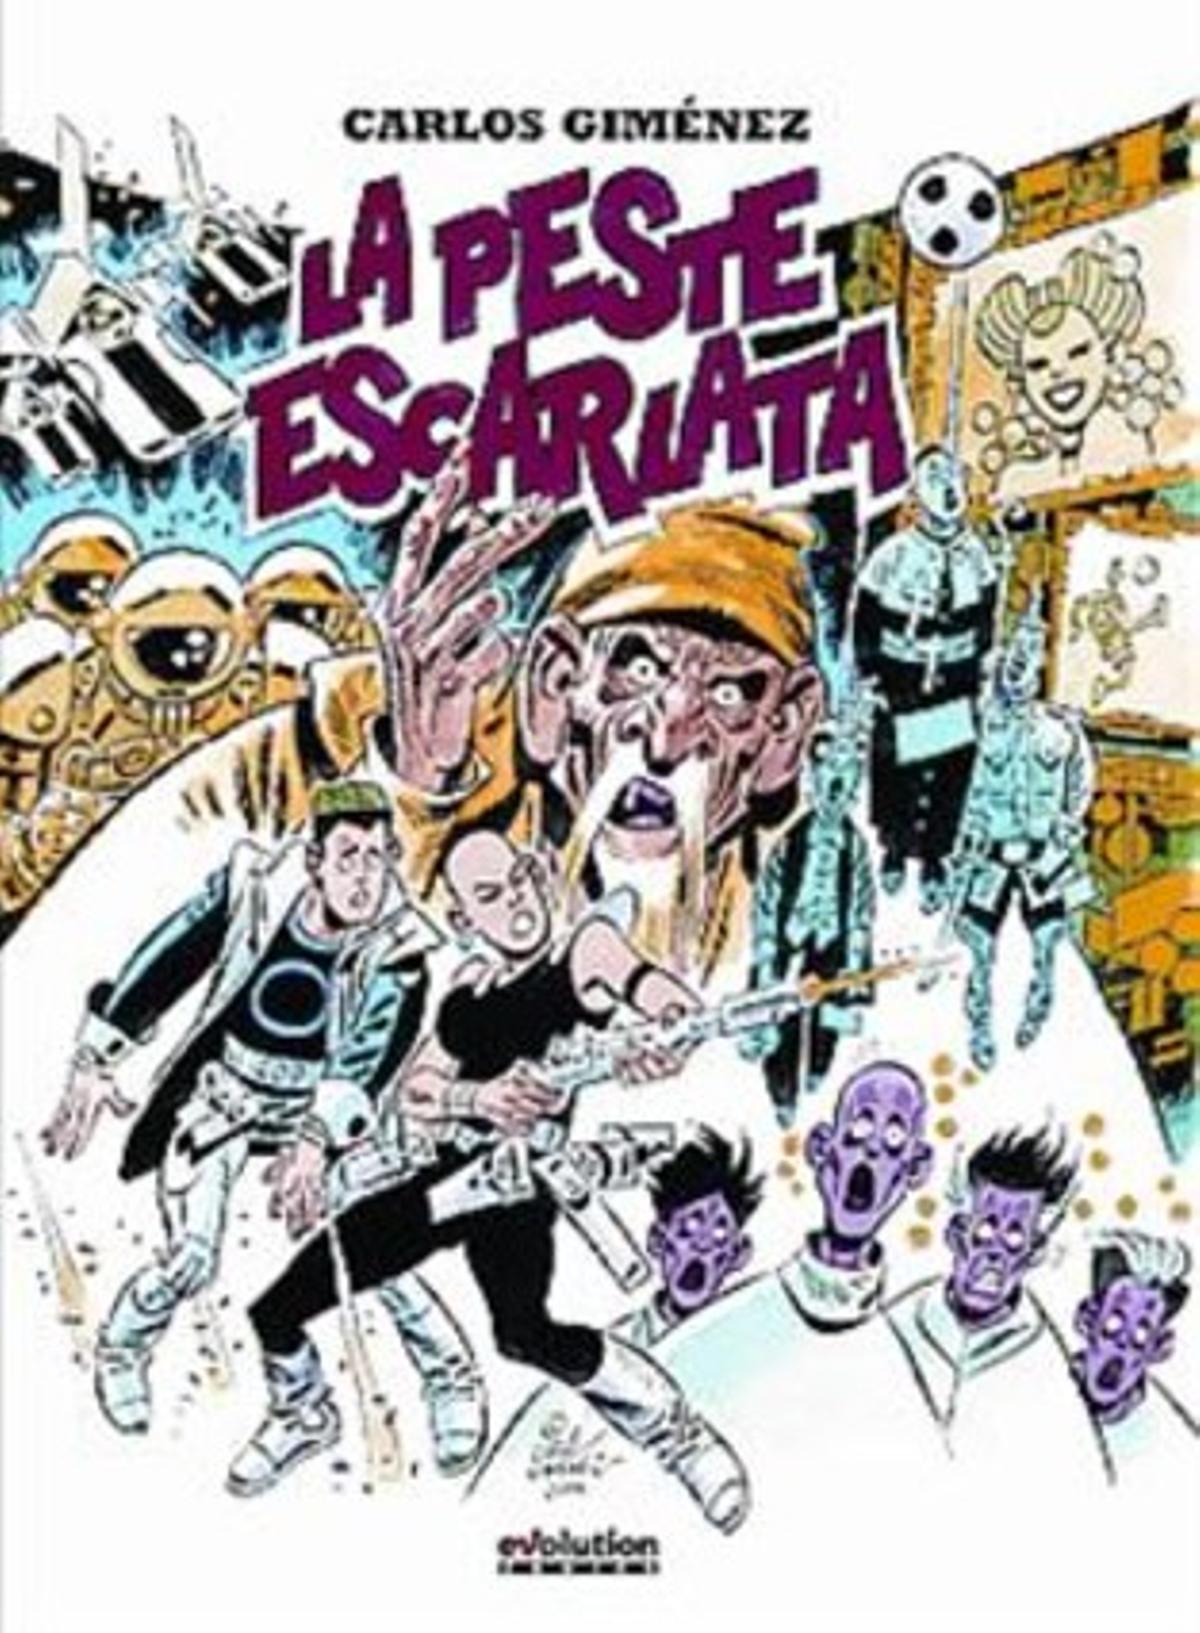 Cubiertas de 'La peste escarlata', de Carlos Giménez